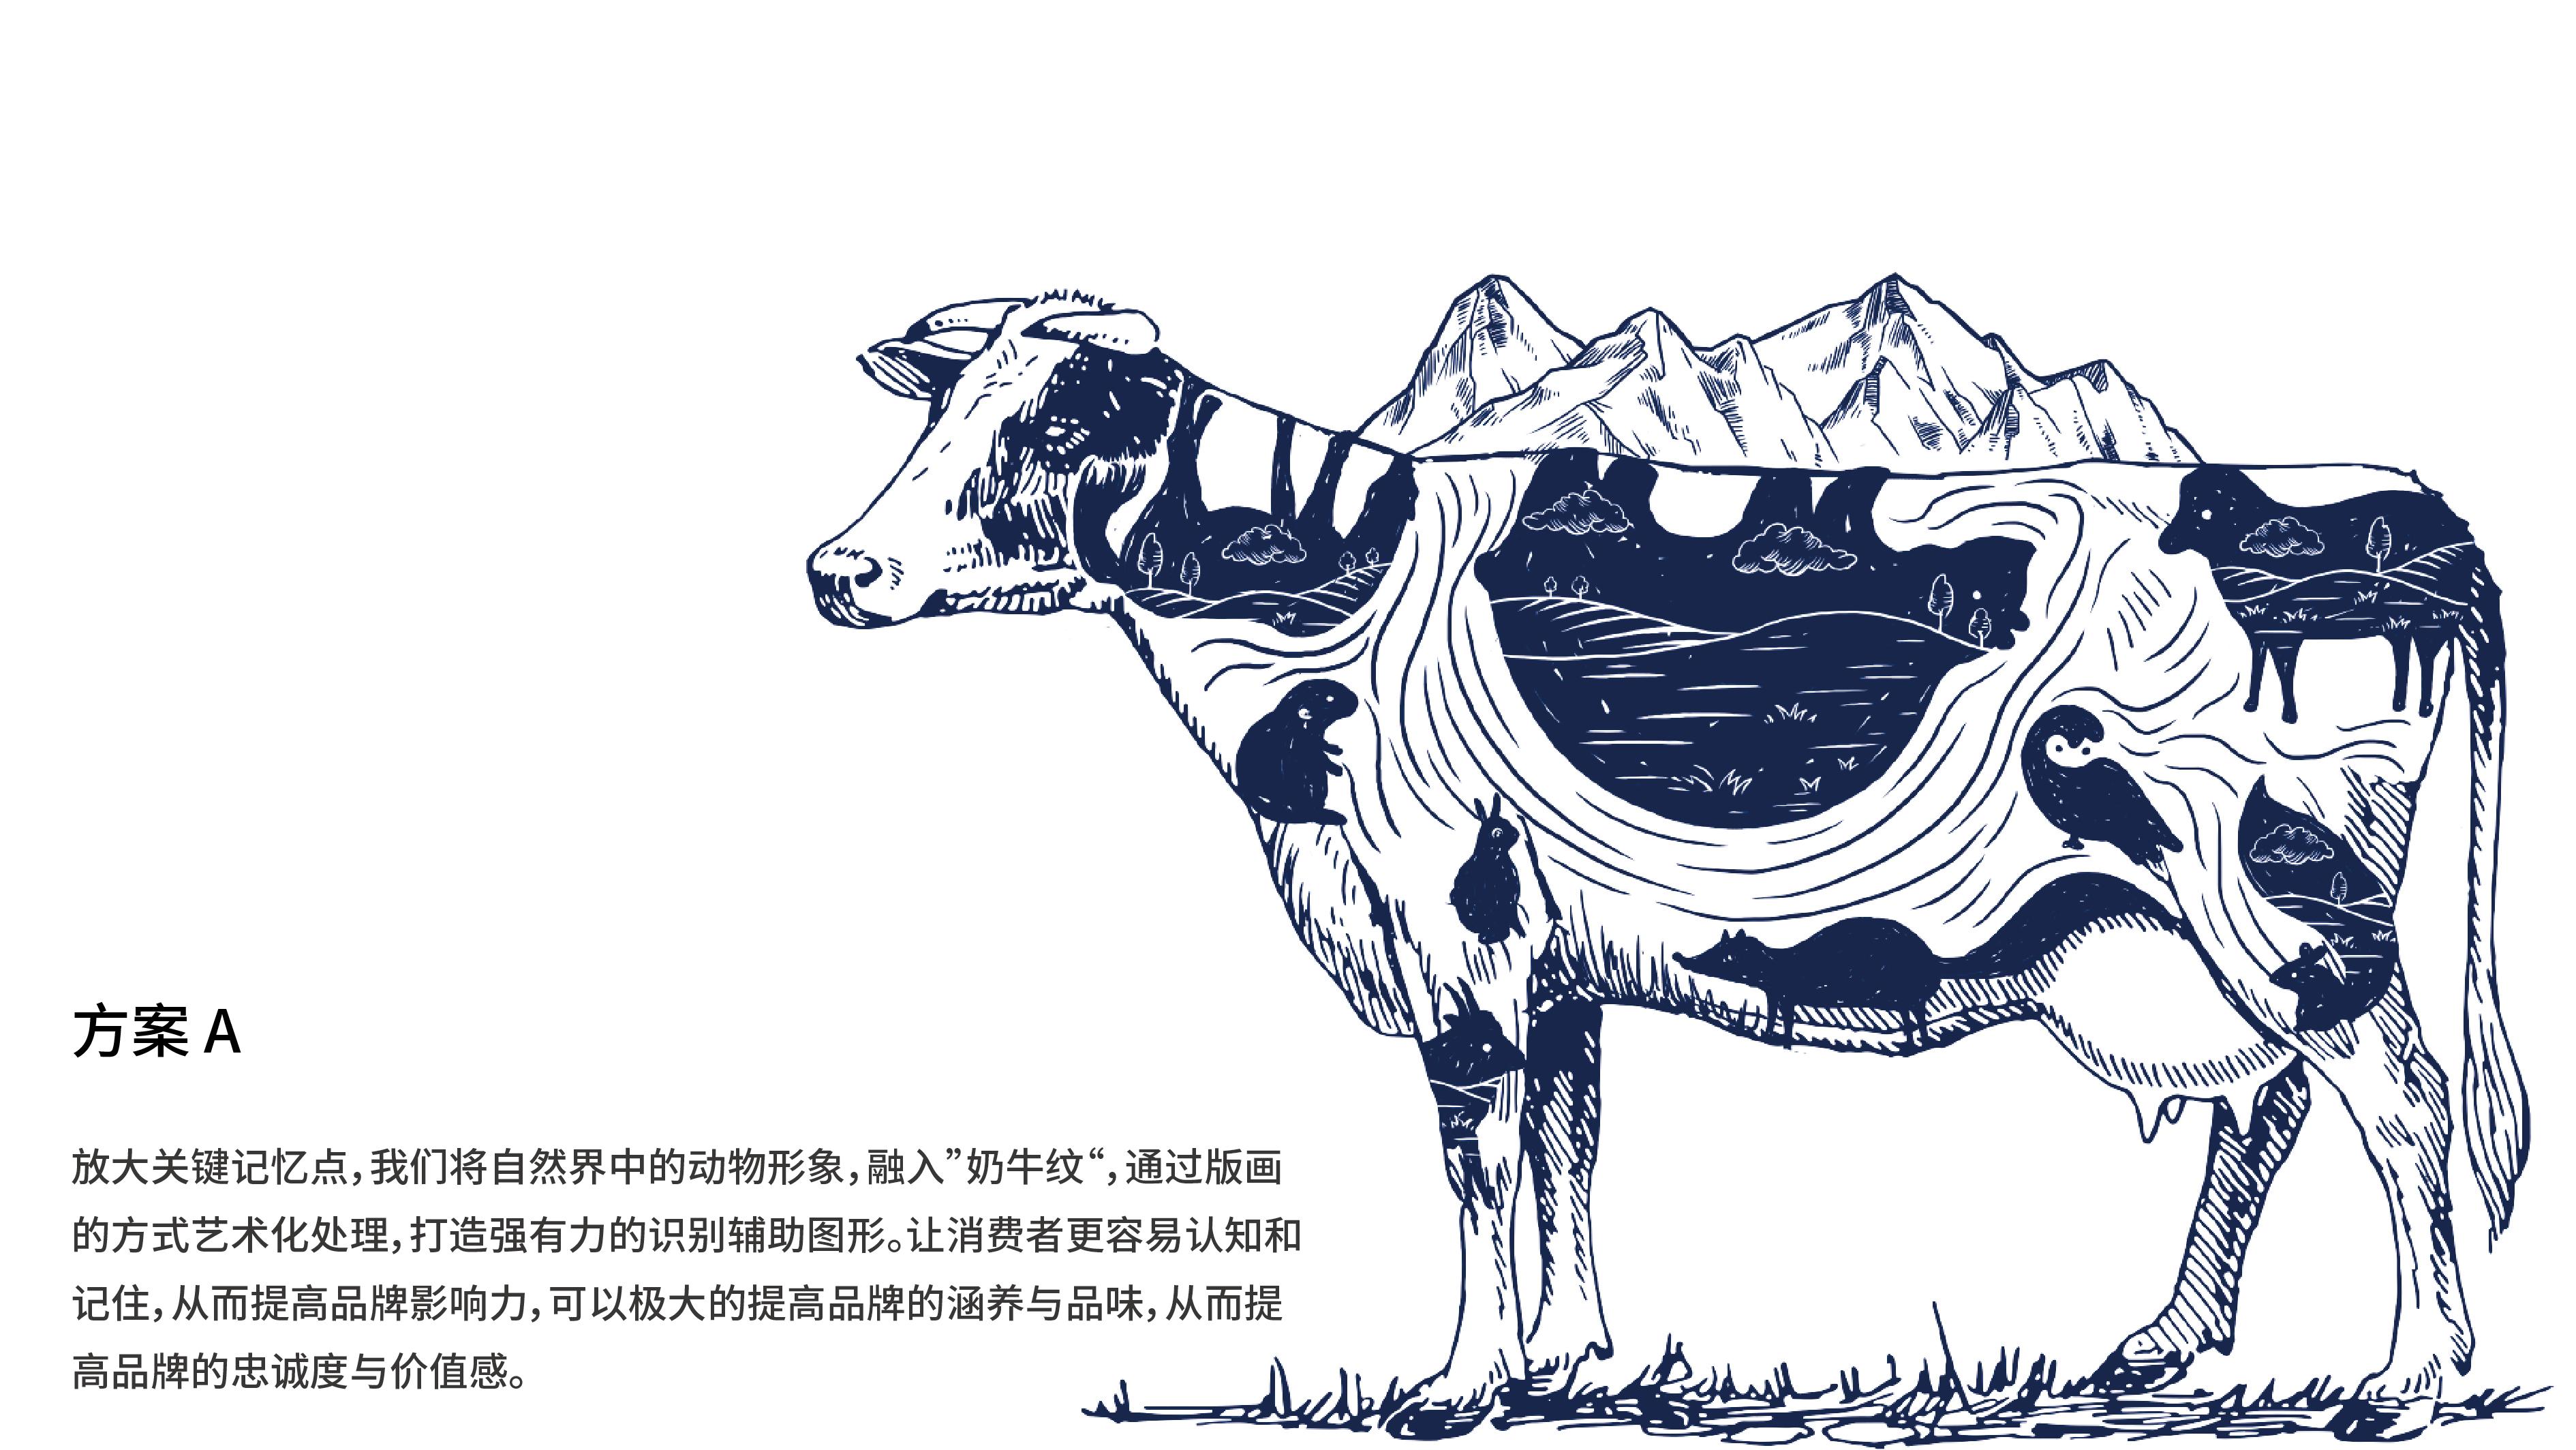 吉鲜牧场-吉鲜牧场-07